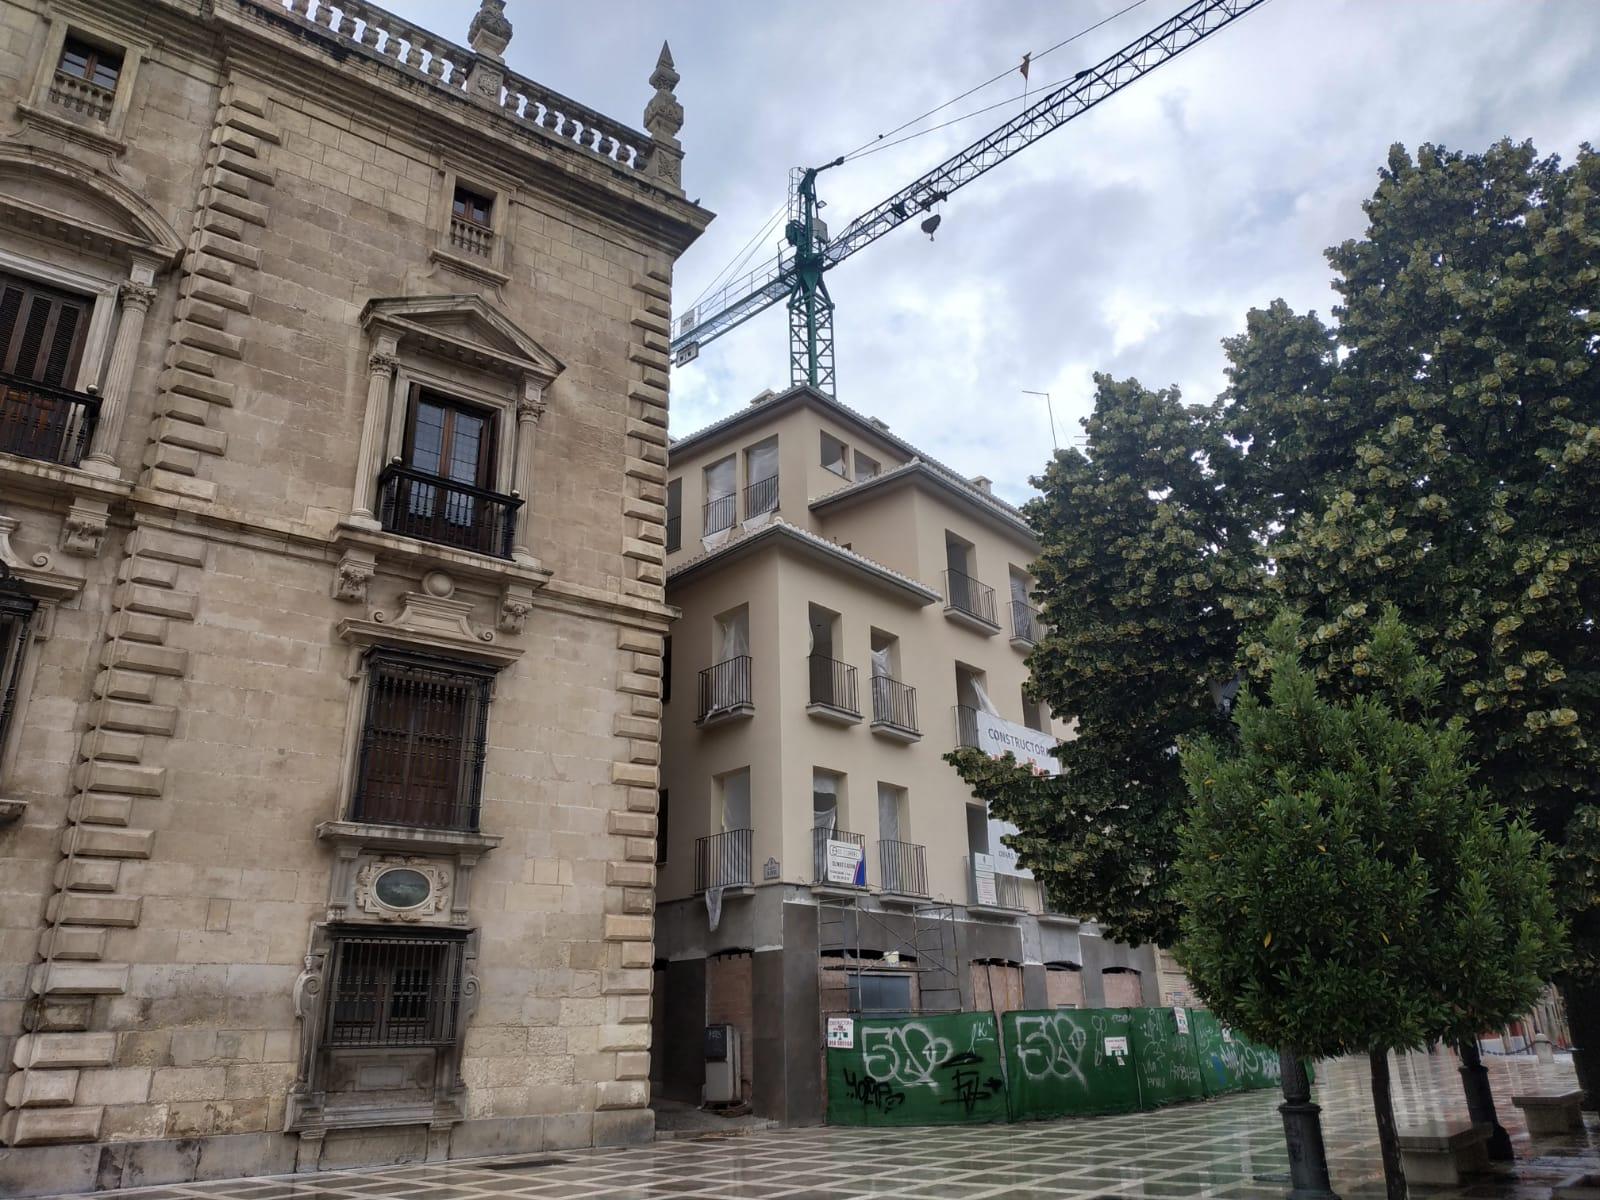 Podemos-IU pide al bipartito que revise la legalidad del nuevo edificio de Plaza Nueva